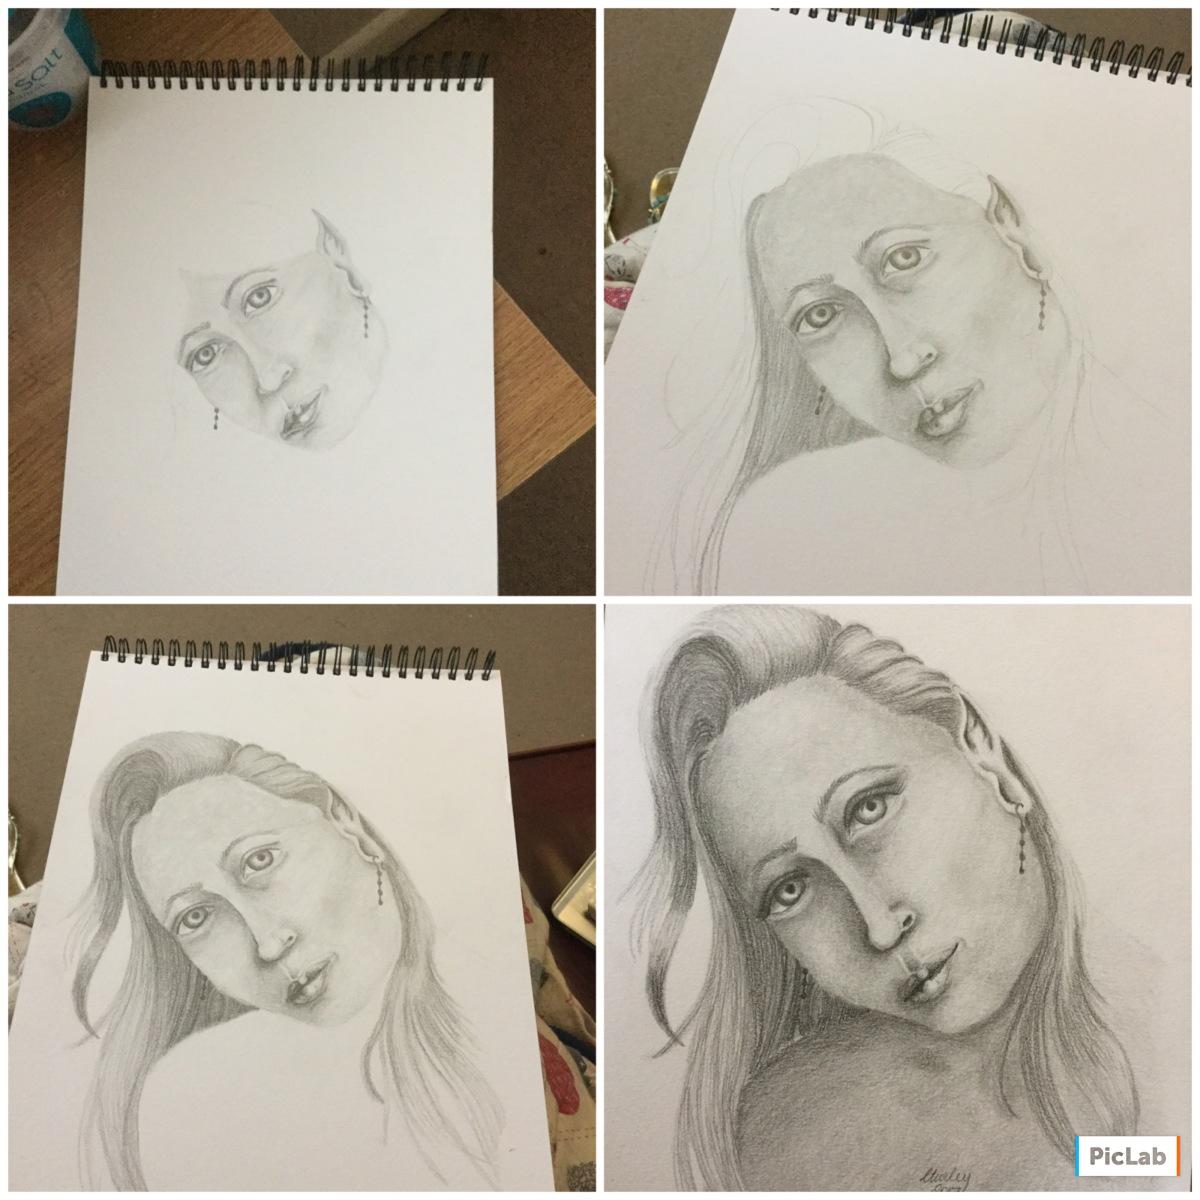 This weeks drawings